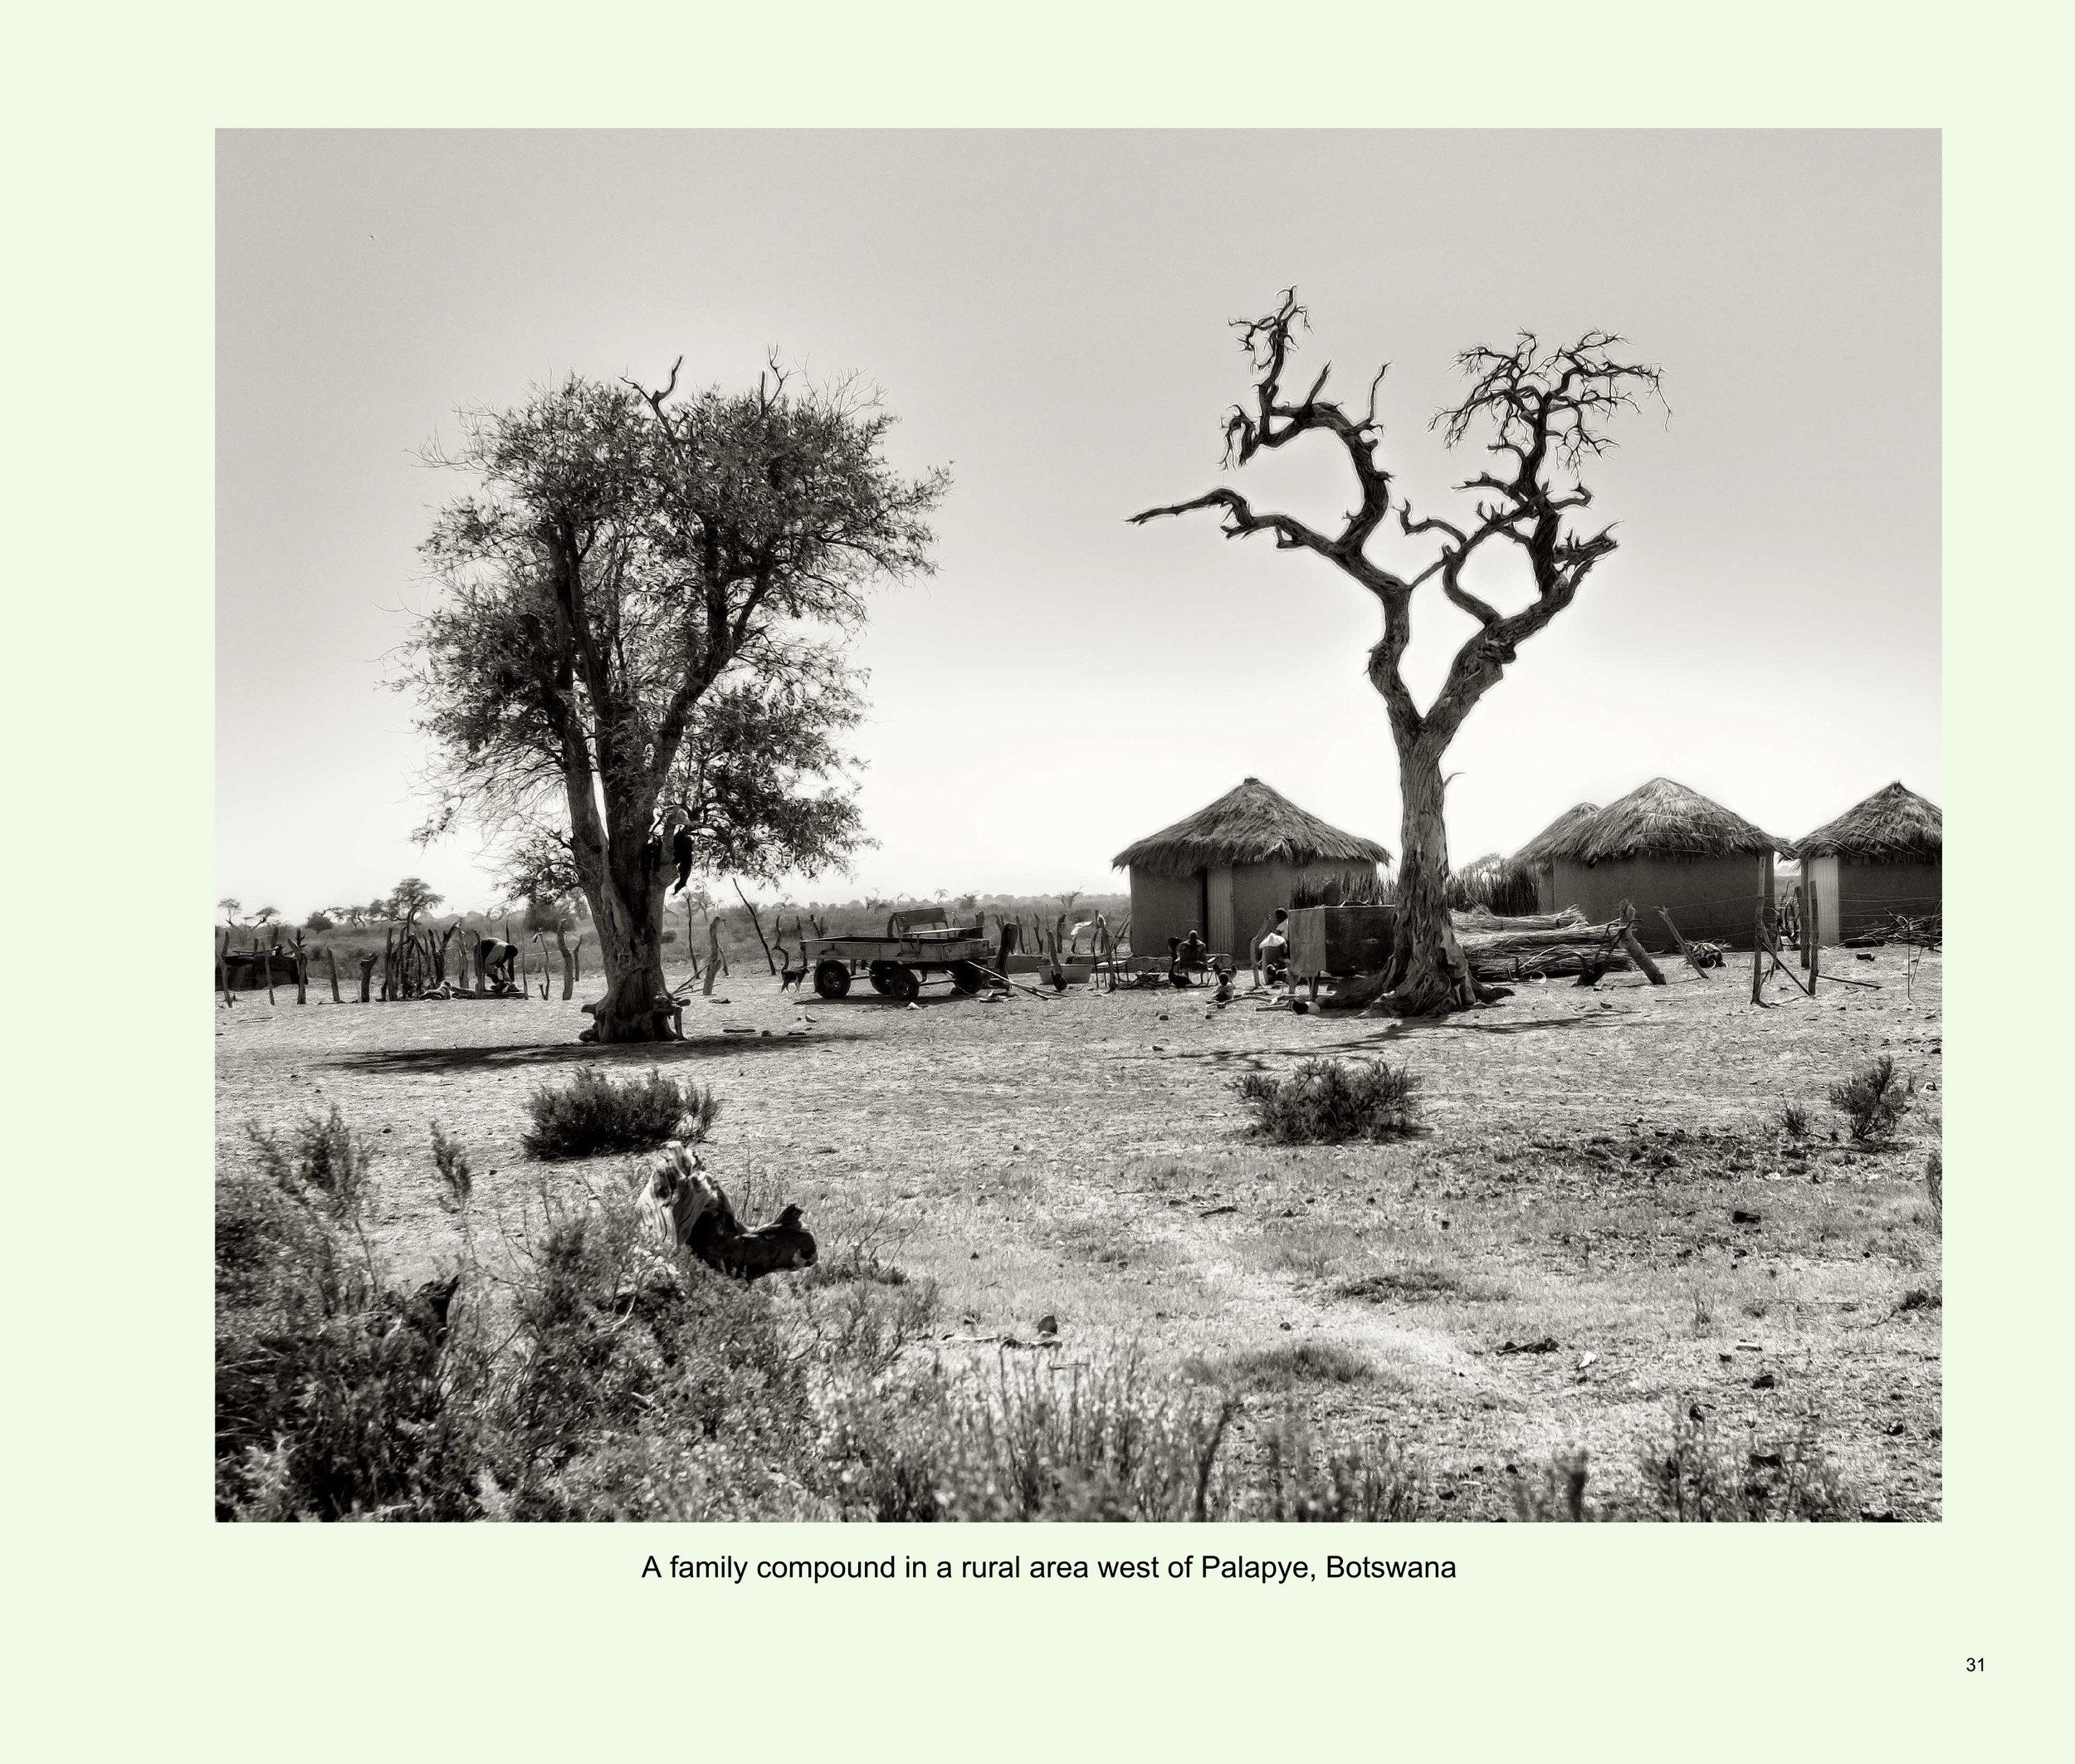 ImagesASouthernAfricaRoadTrip-33.jpg